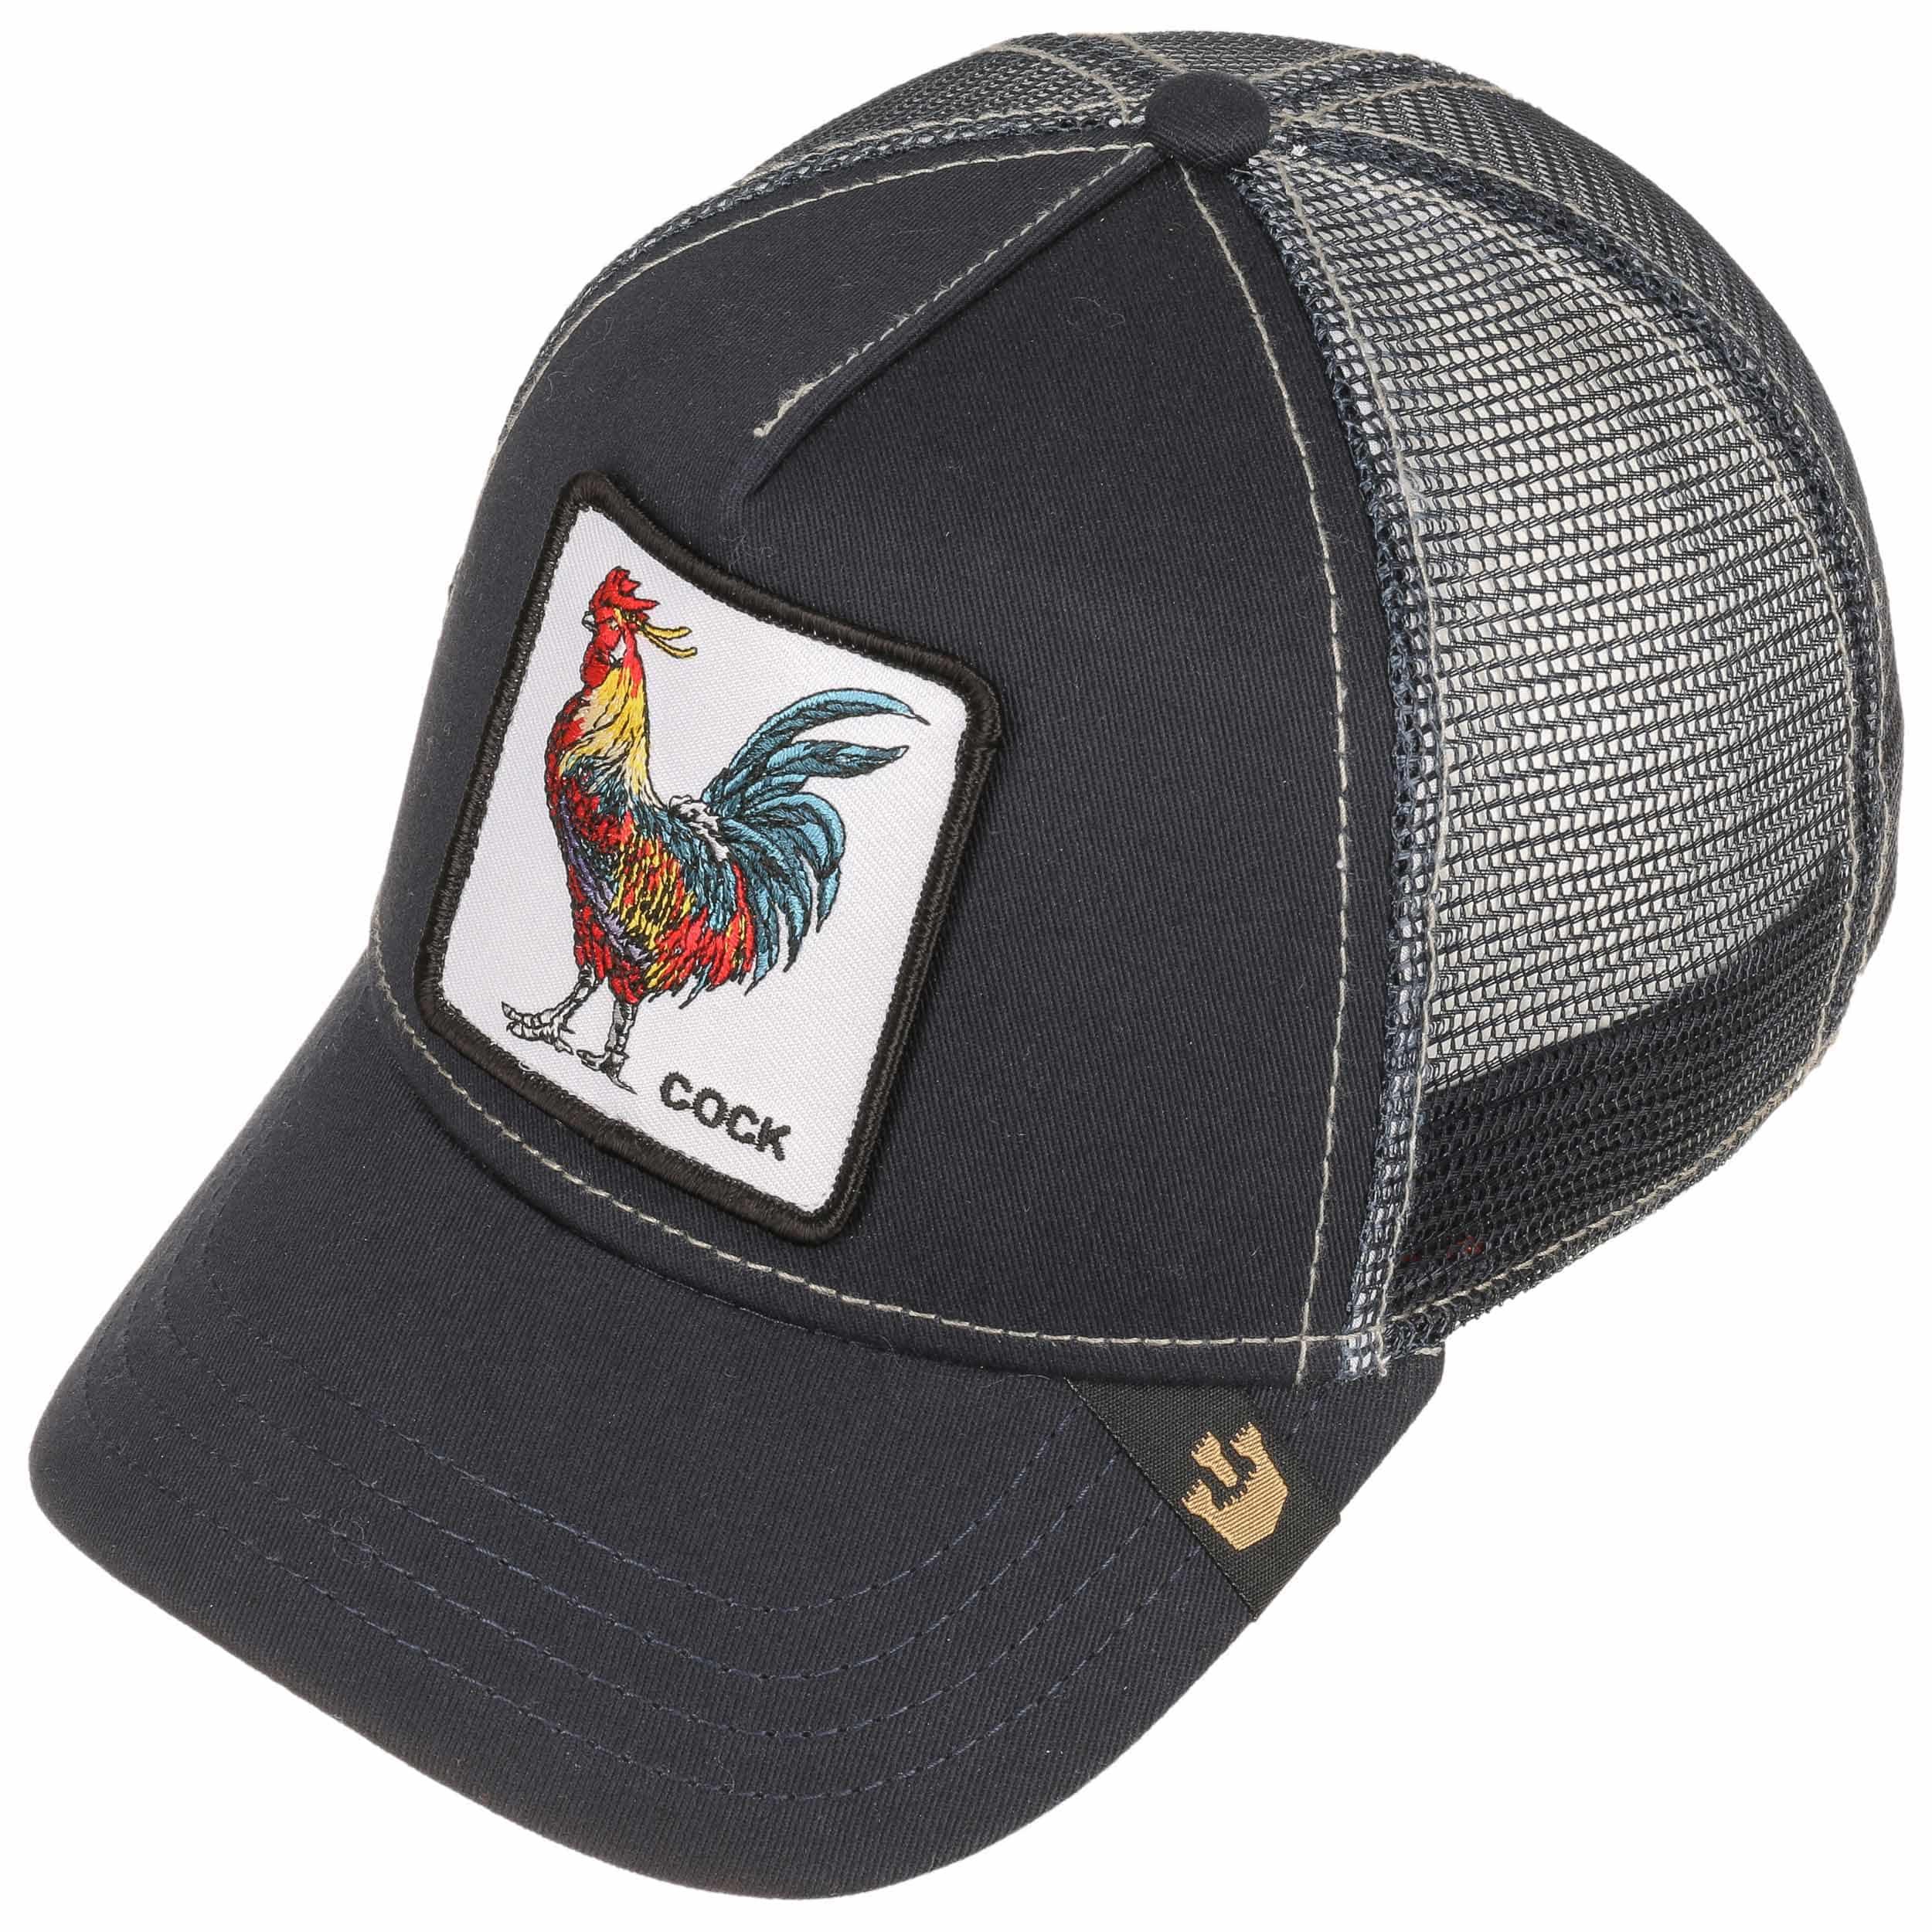 Rooster Trucker Cap by Goorin Bros. 22713c94c0d